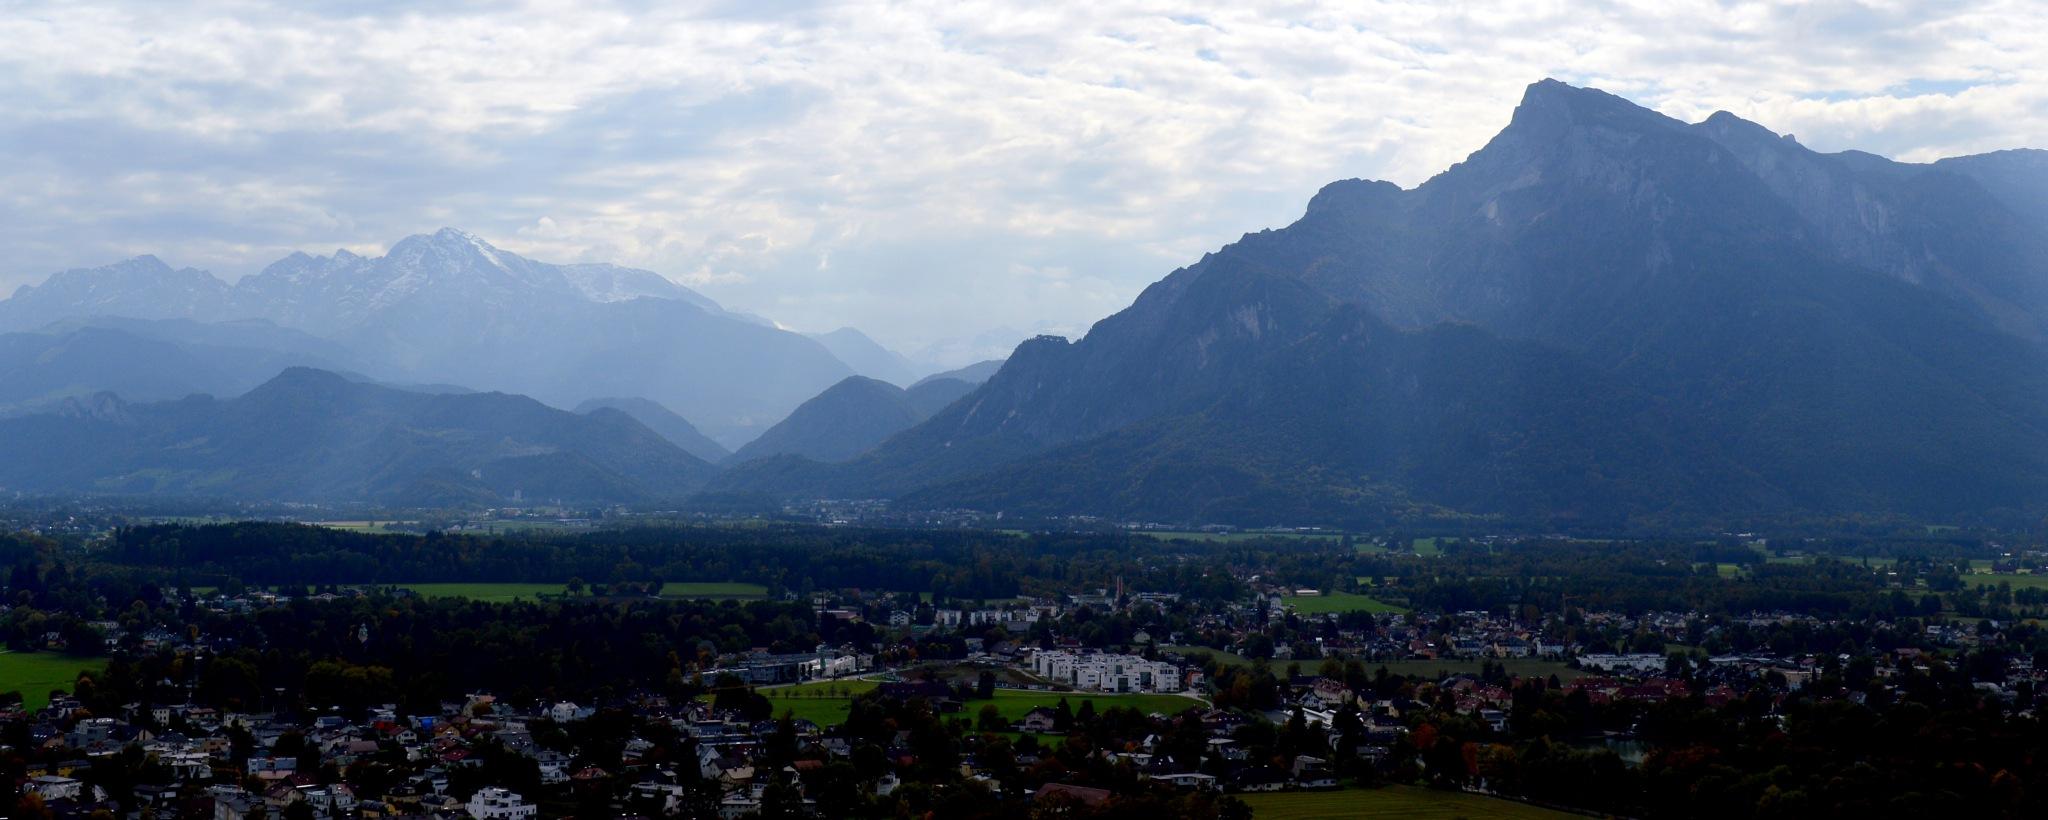 Alps by Ashkan Baharlooe